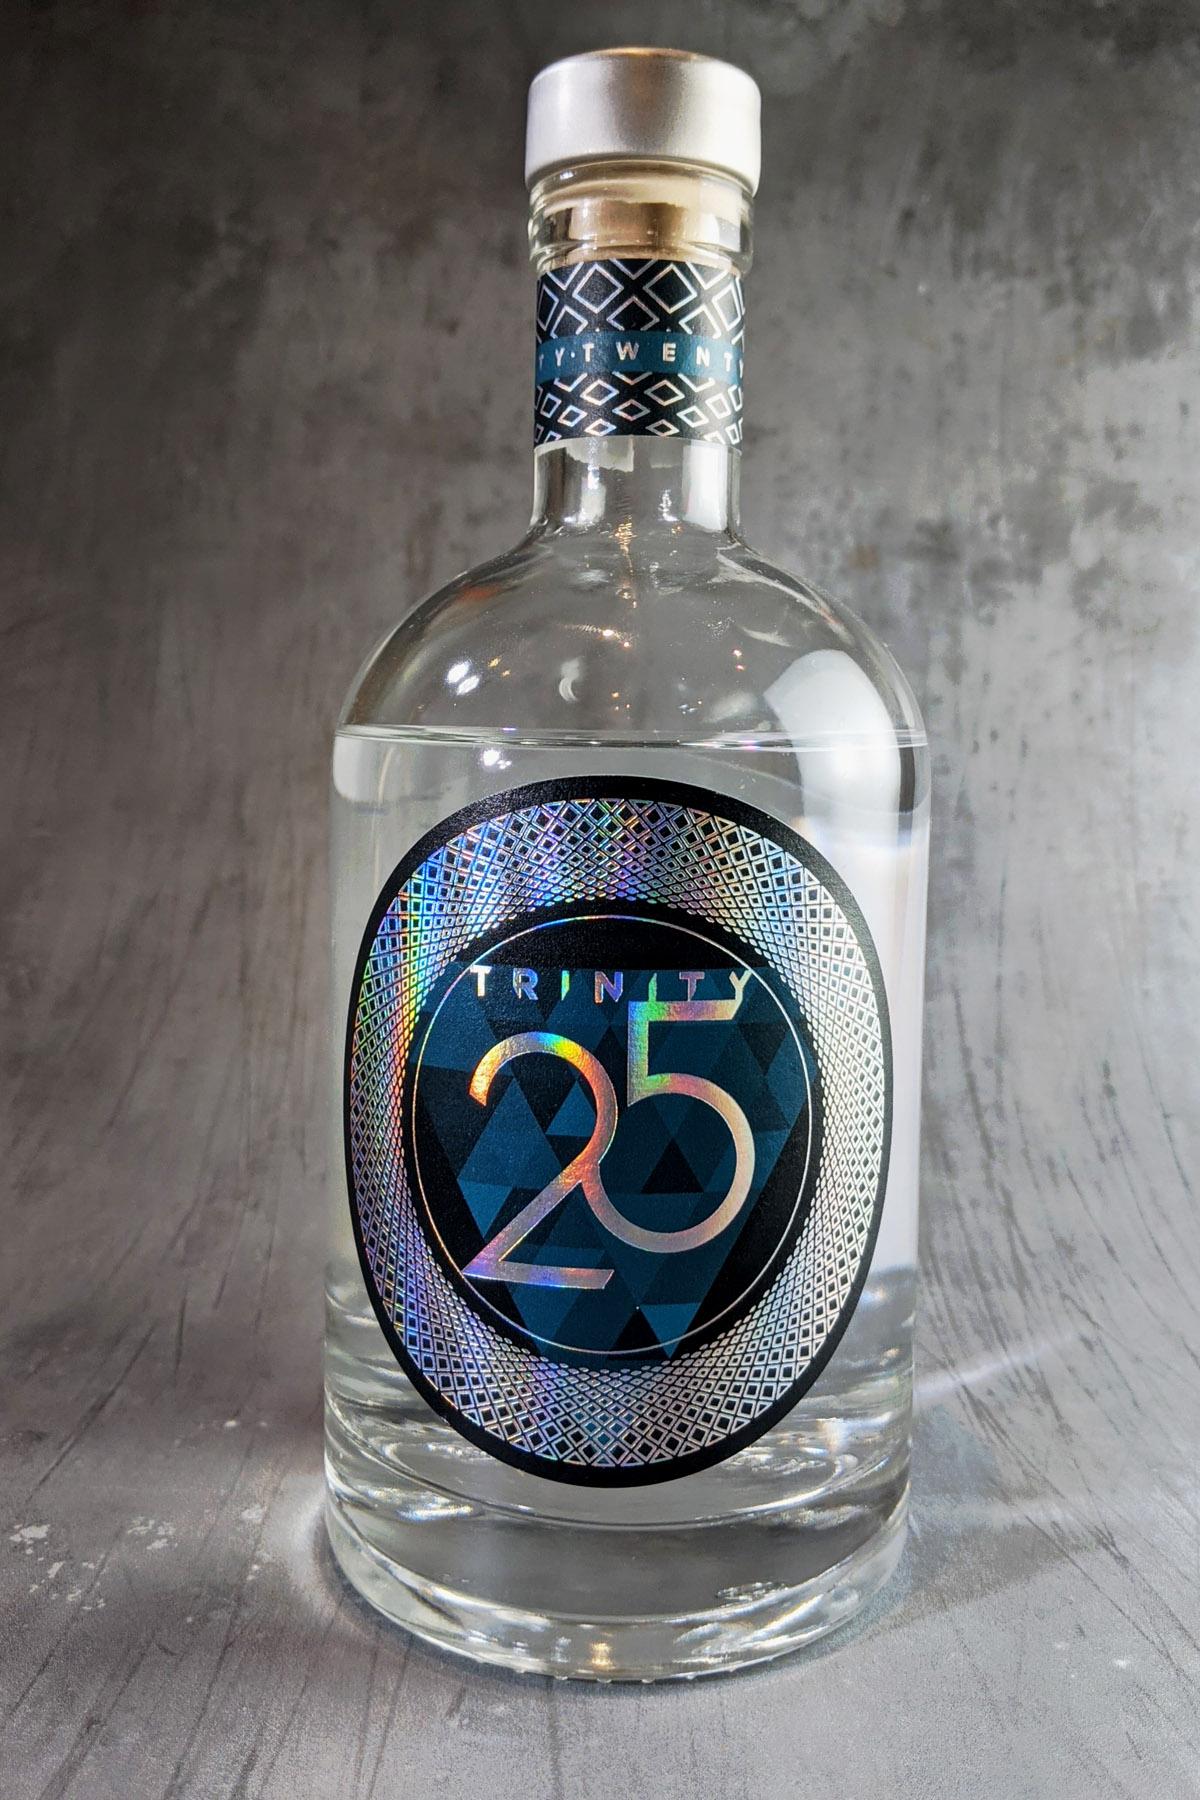 Trinity25 Low Alcohol Spirit